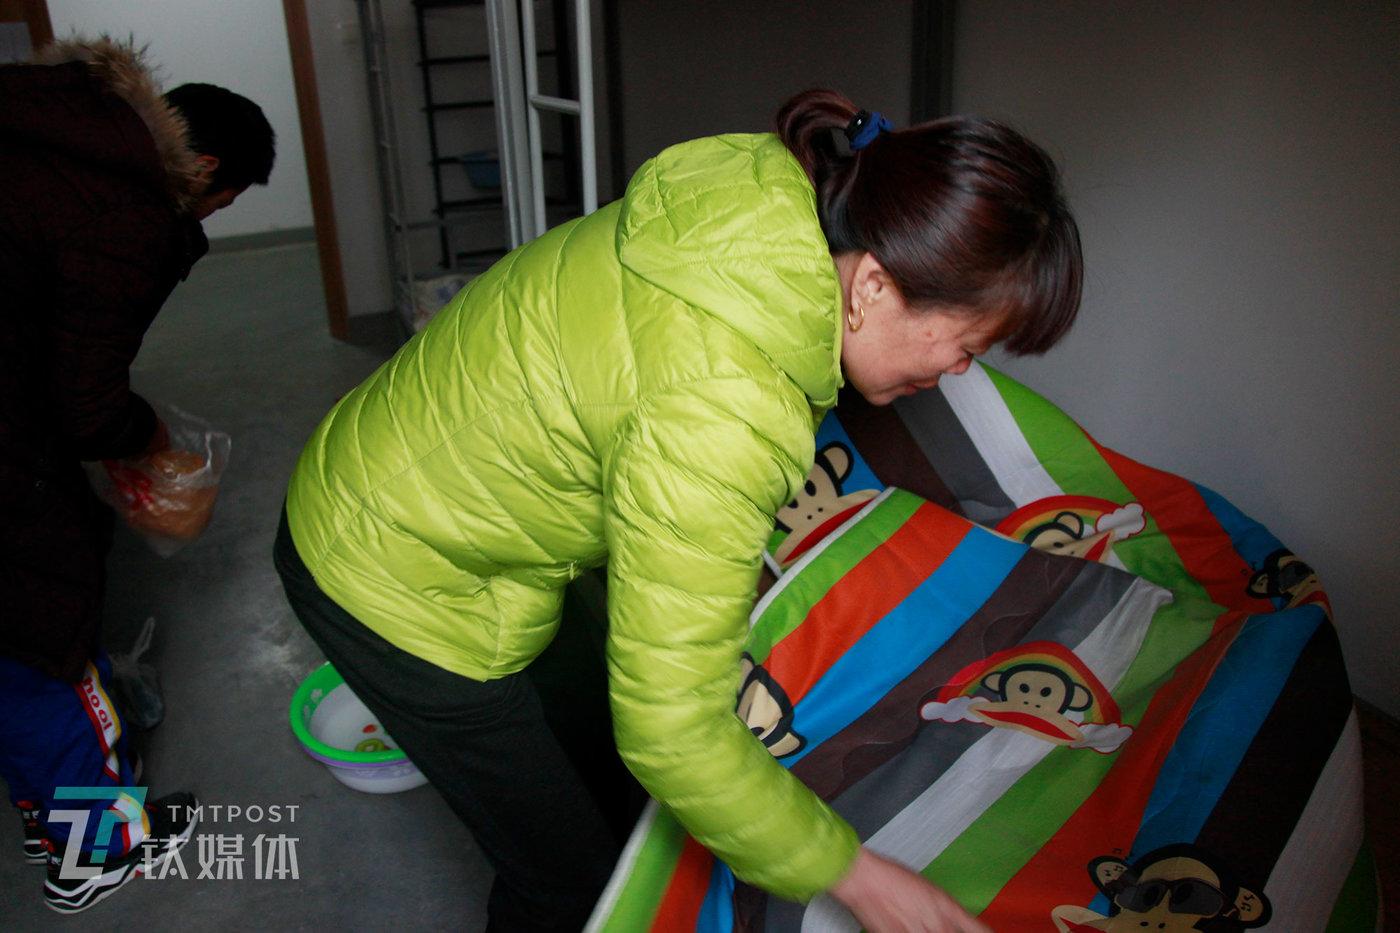 2019年2月25日,新学期开始,蒲公英广东快三新校区寝室,一位家长在帮孩子整理床铺。